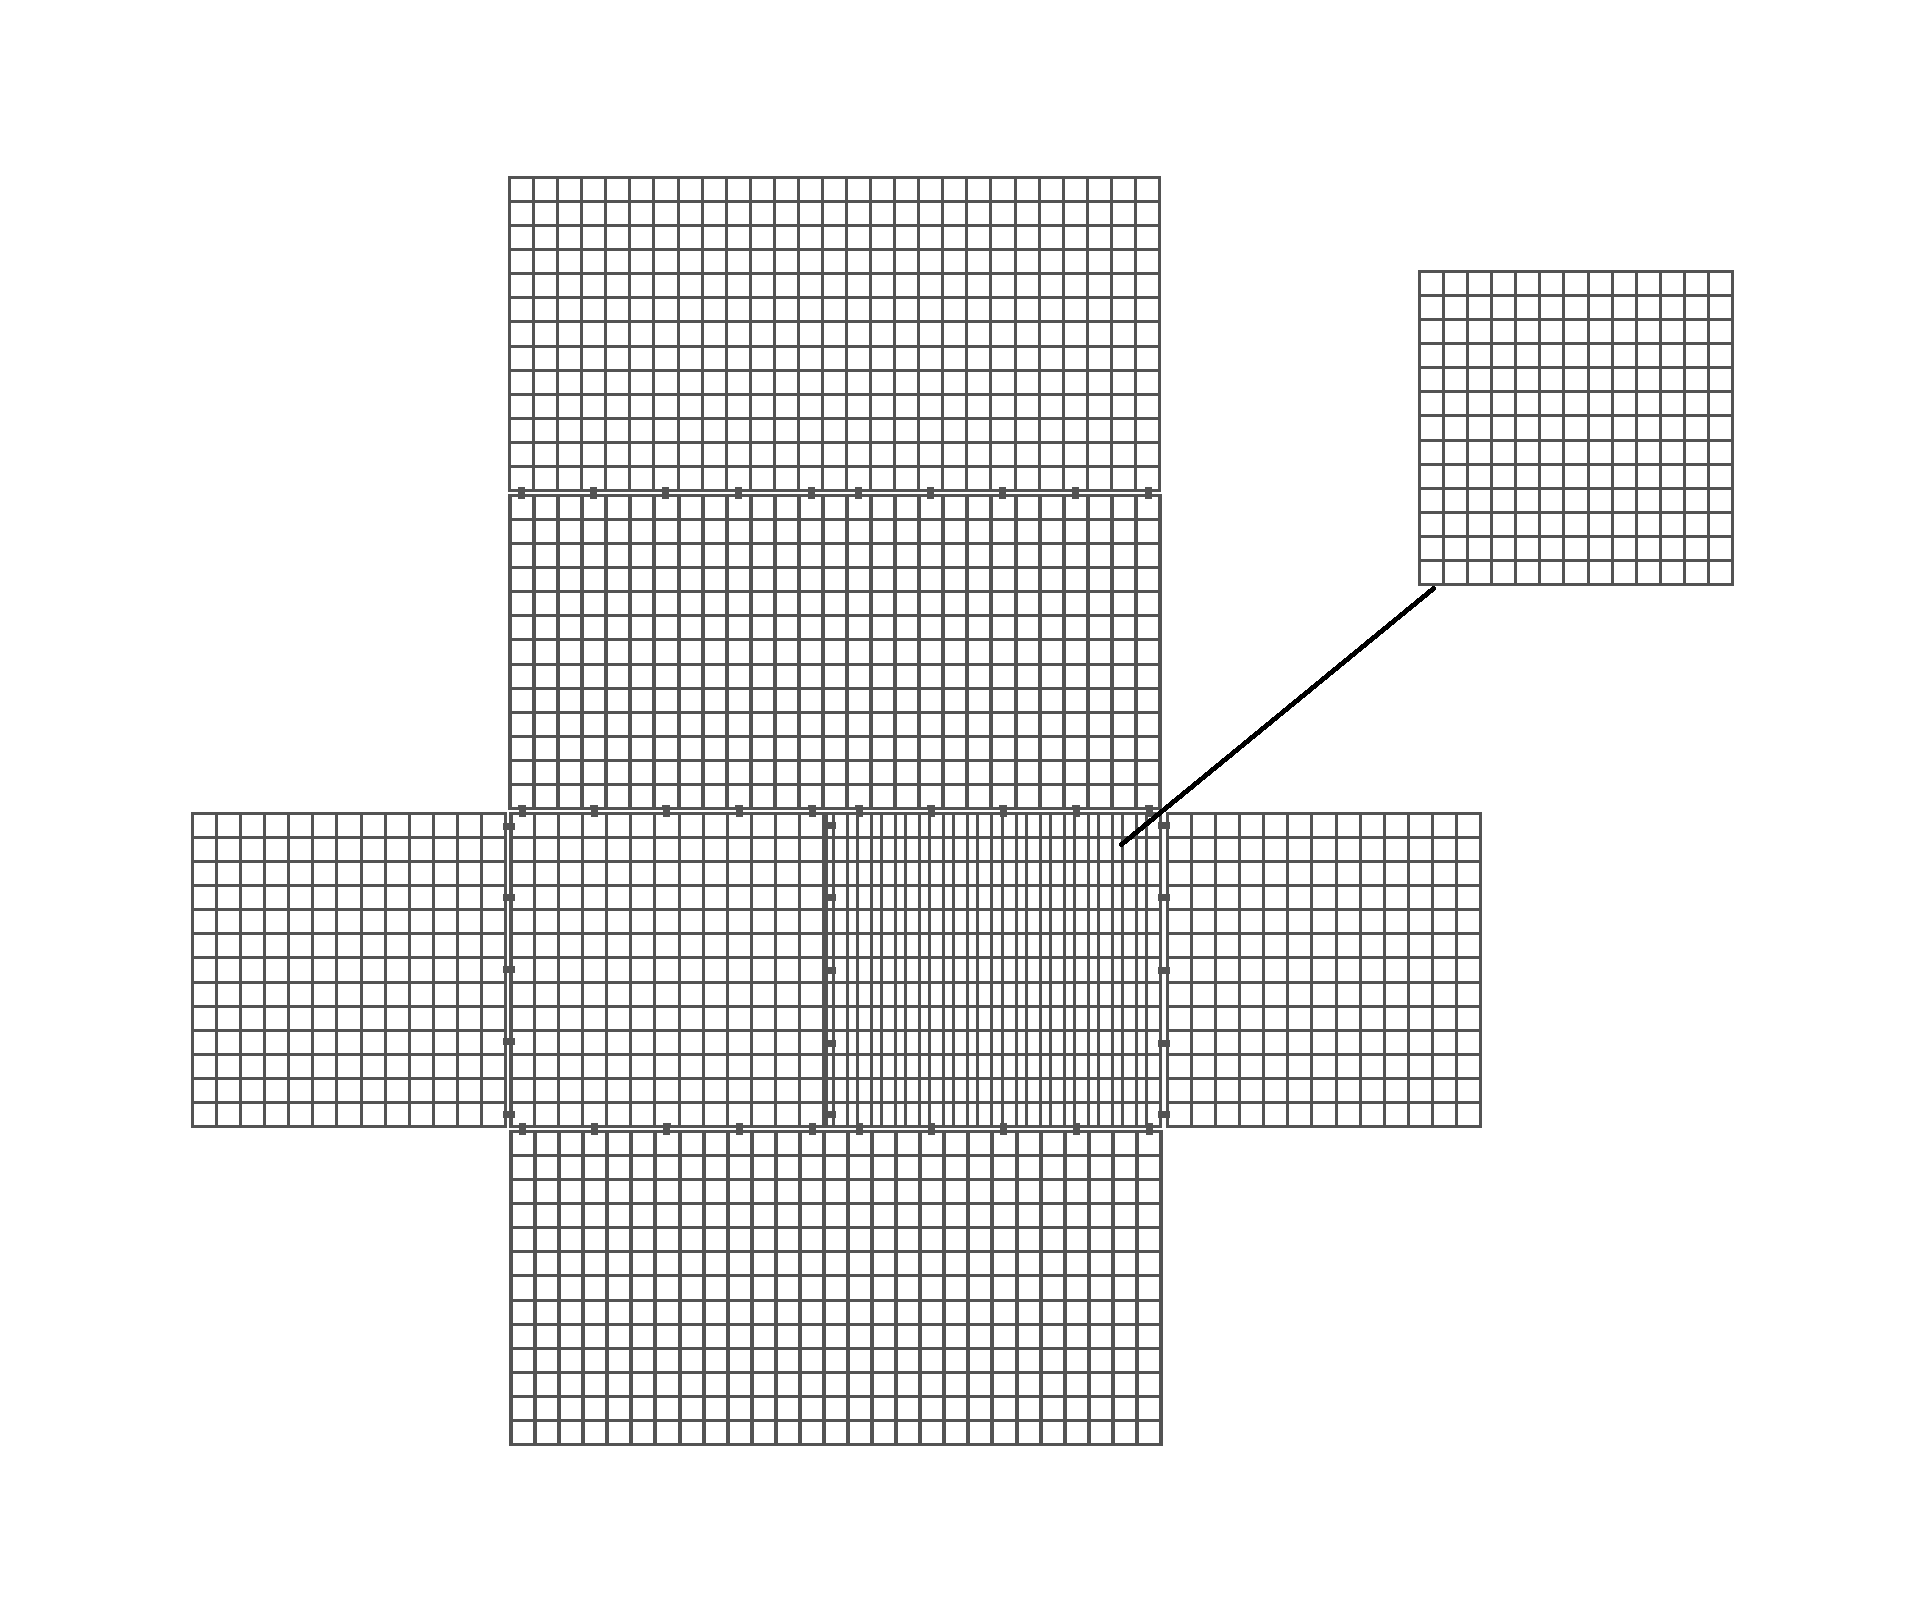 Retaining wall gabion baskets 2m x 1m x 1m cages for Schreibtisch 2m x 1m